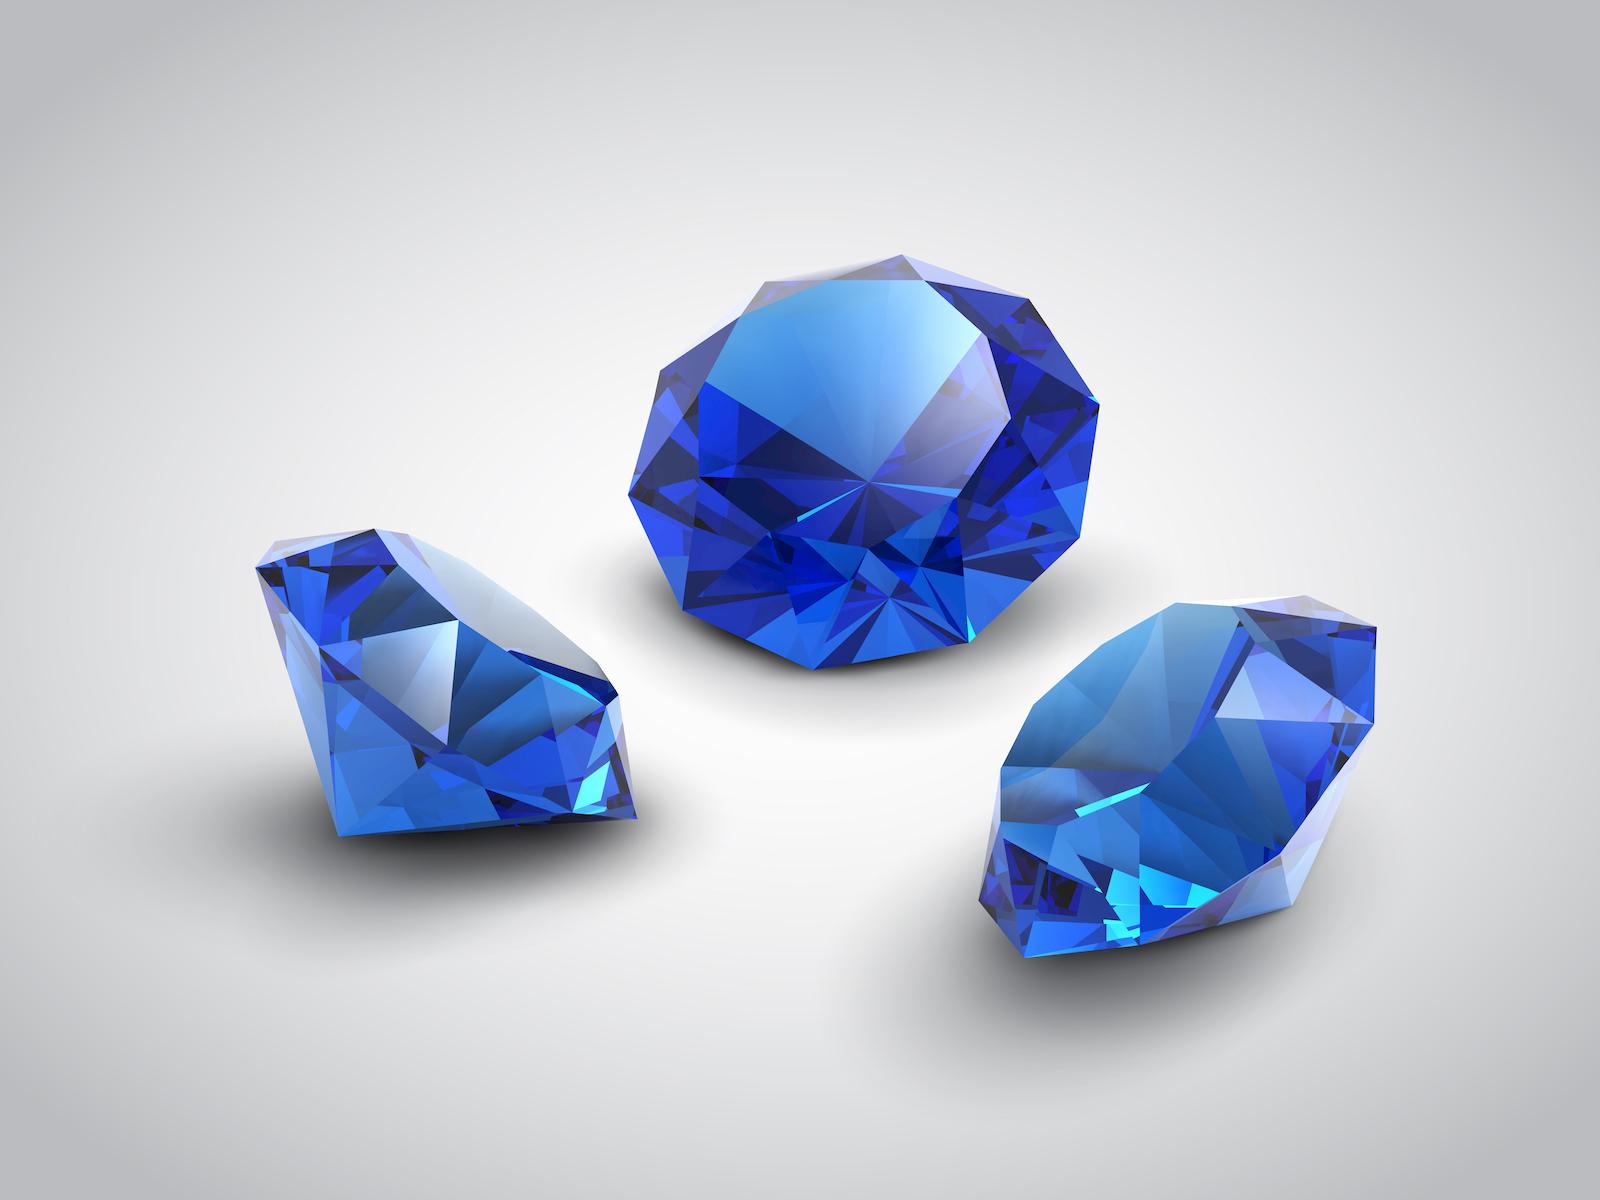 Cut blue sapphires